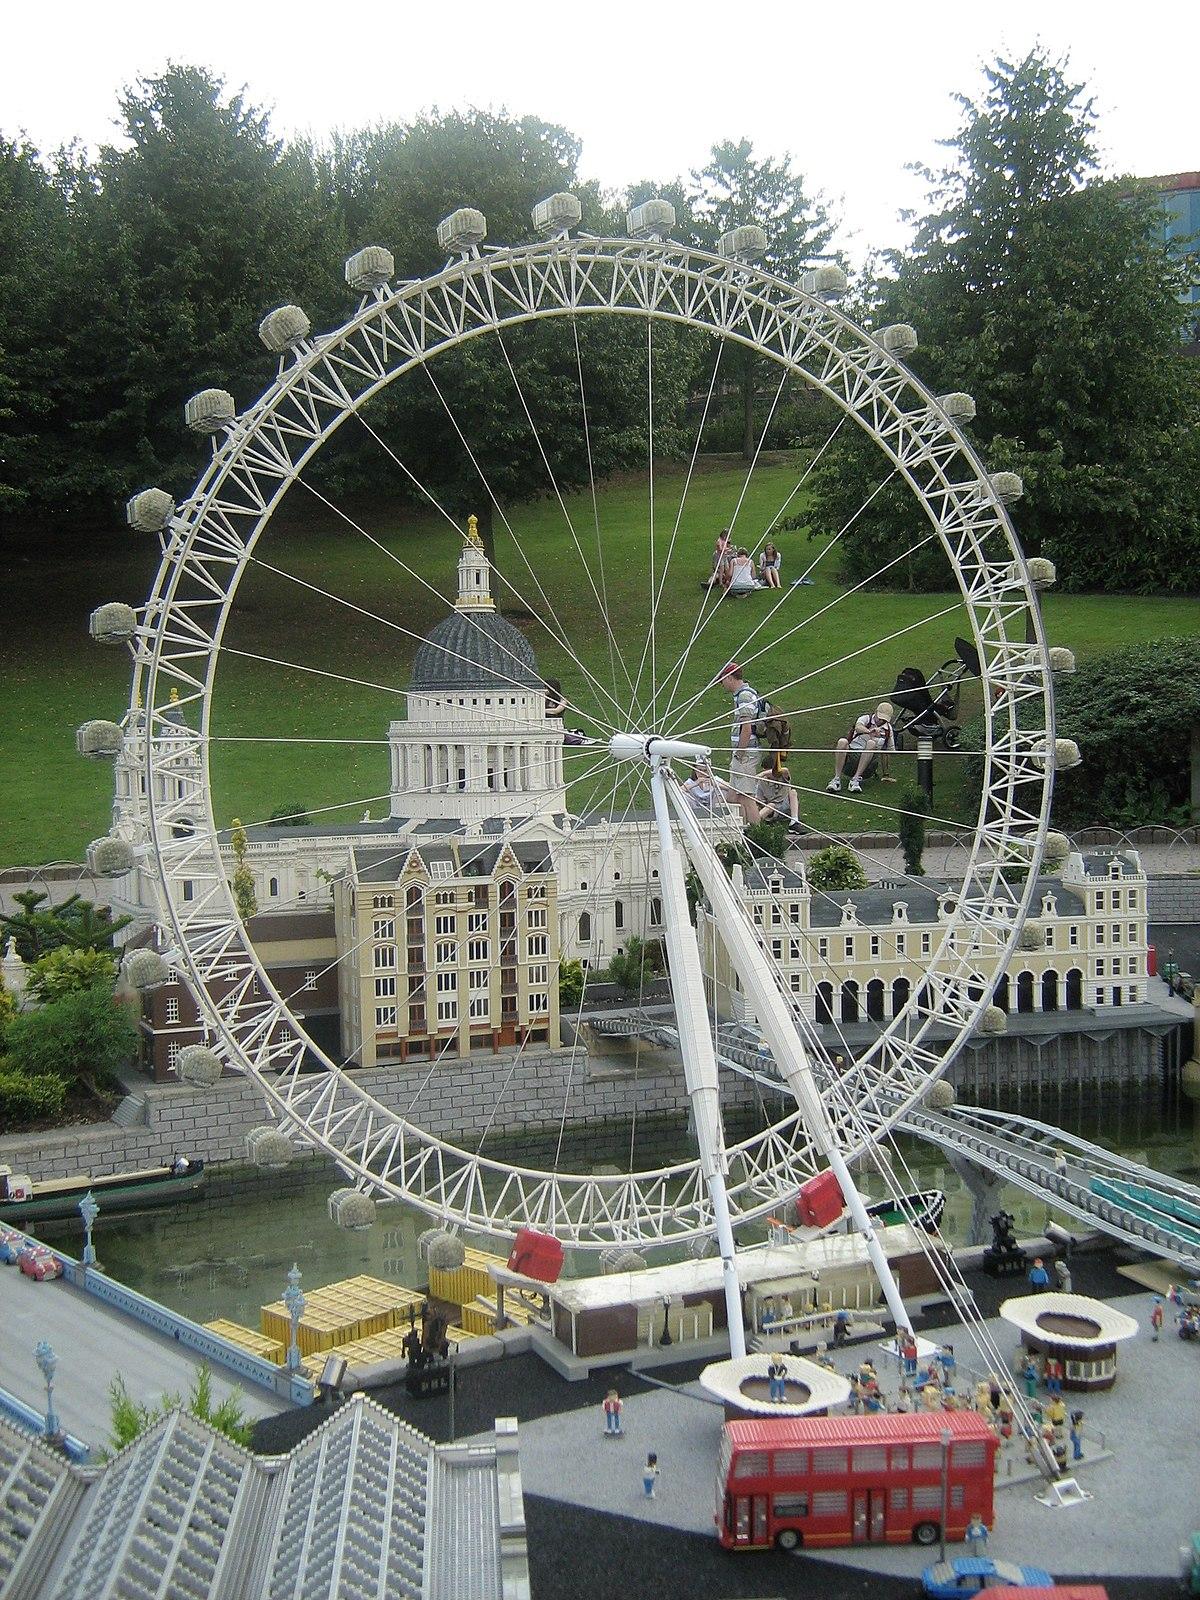 London Eye In Popular Culture Wikipedia